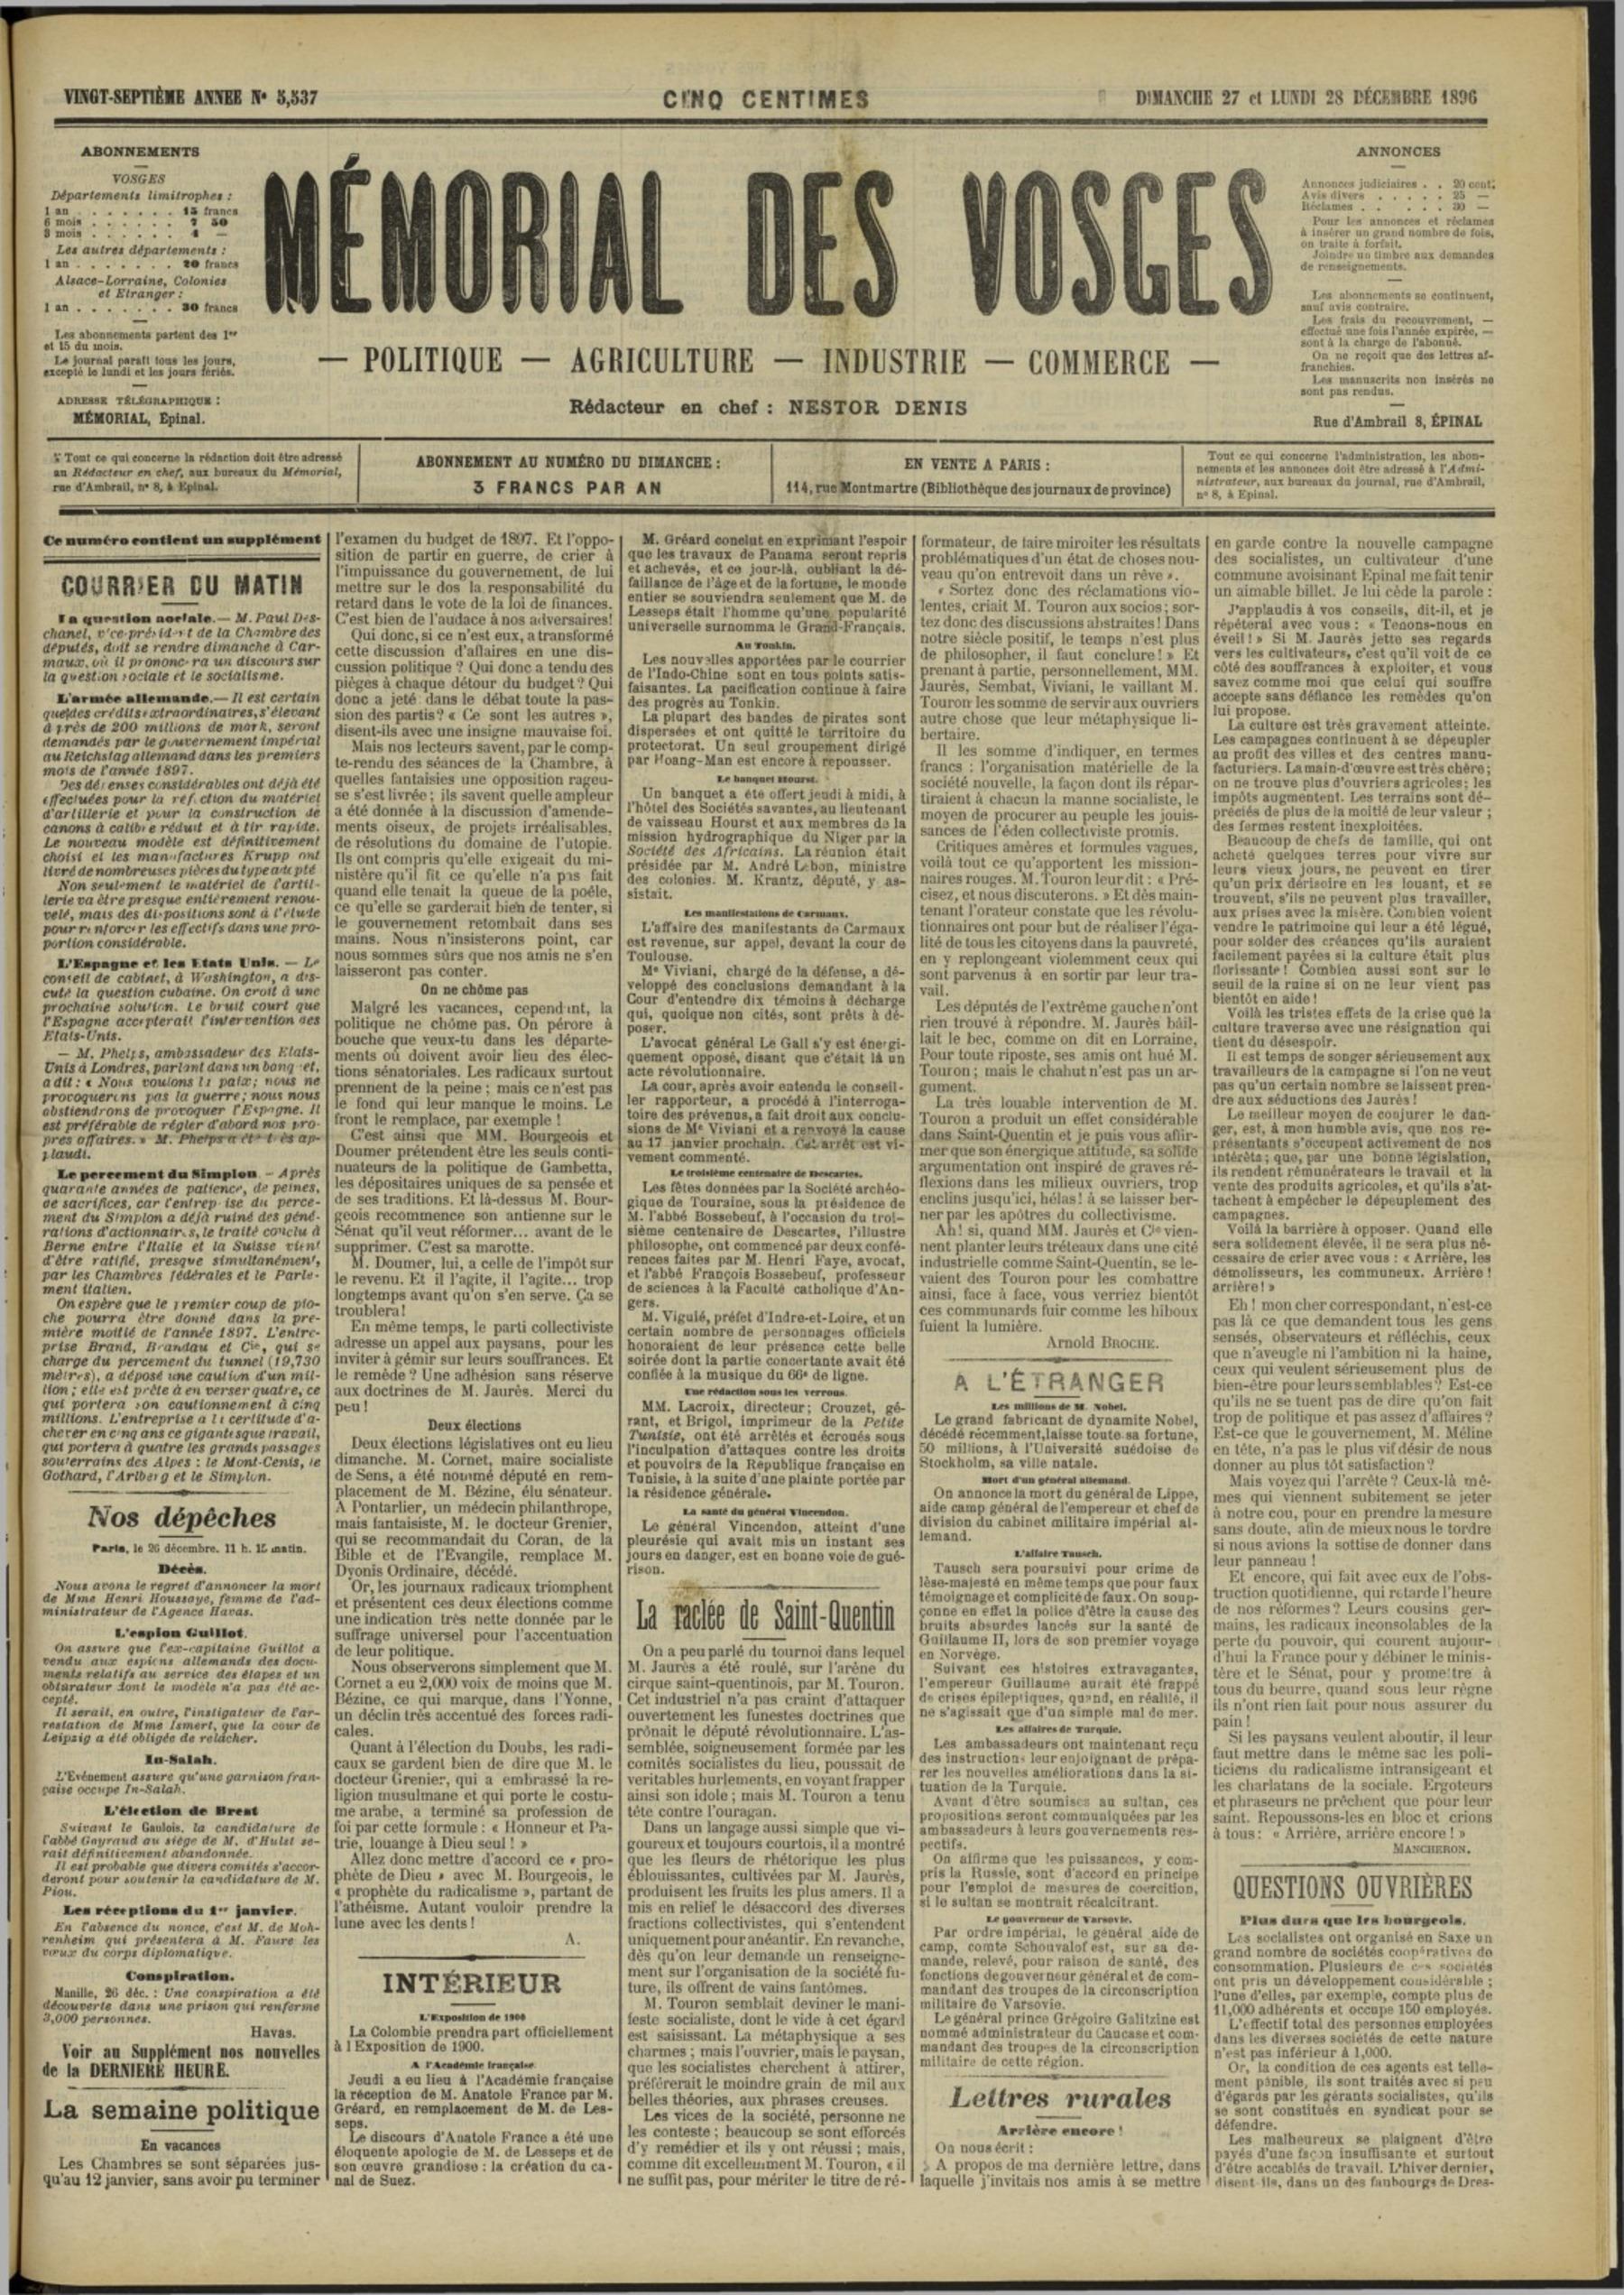 Contenu du Le Mémorial des Vosges : politique, agriculture, industrie, commerce